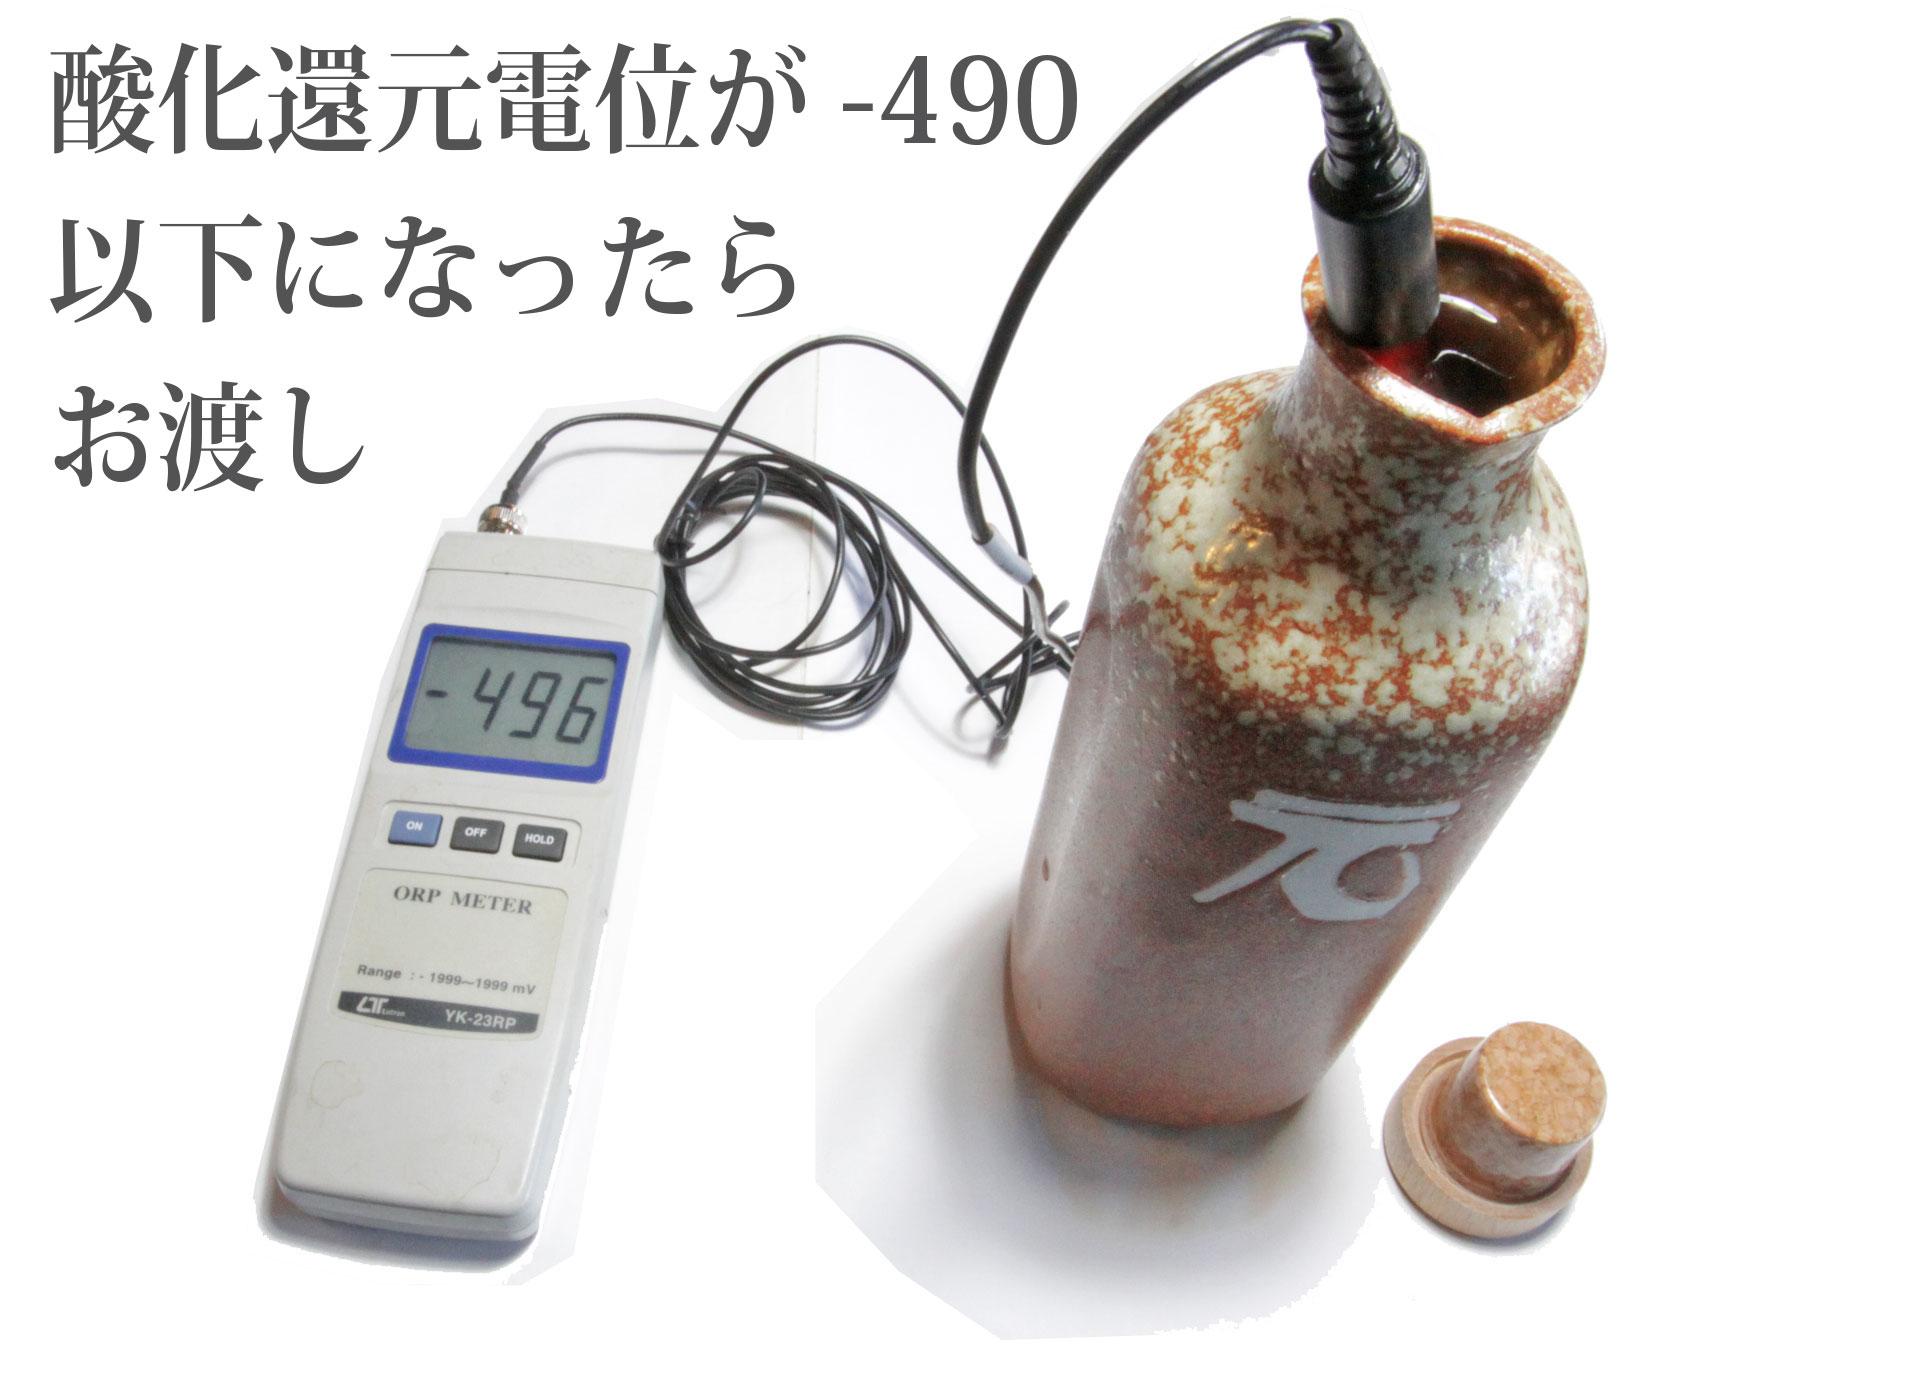 還元くんに酸化還元電位計が入り水素が発生している数値が写った写真